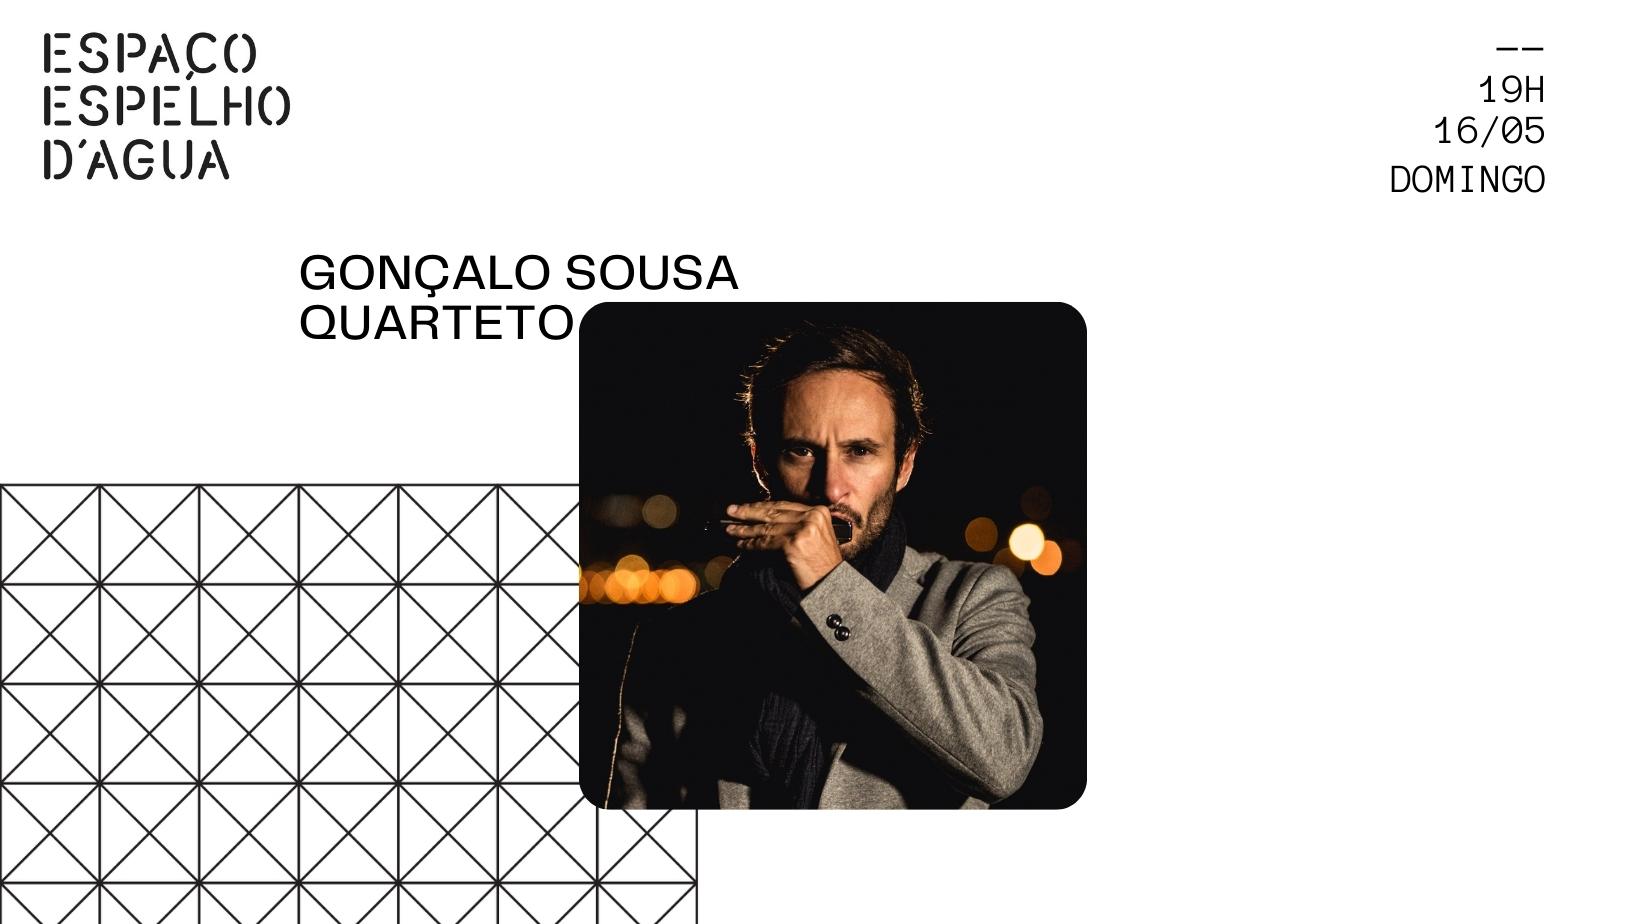 Gonçalo Sousa Quarteto no Espaço Espelho D'Água